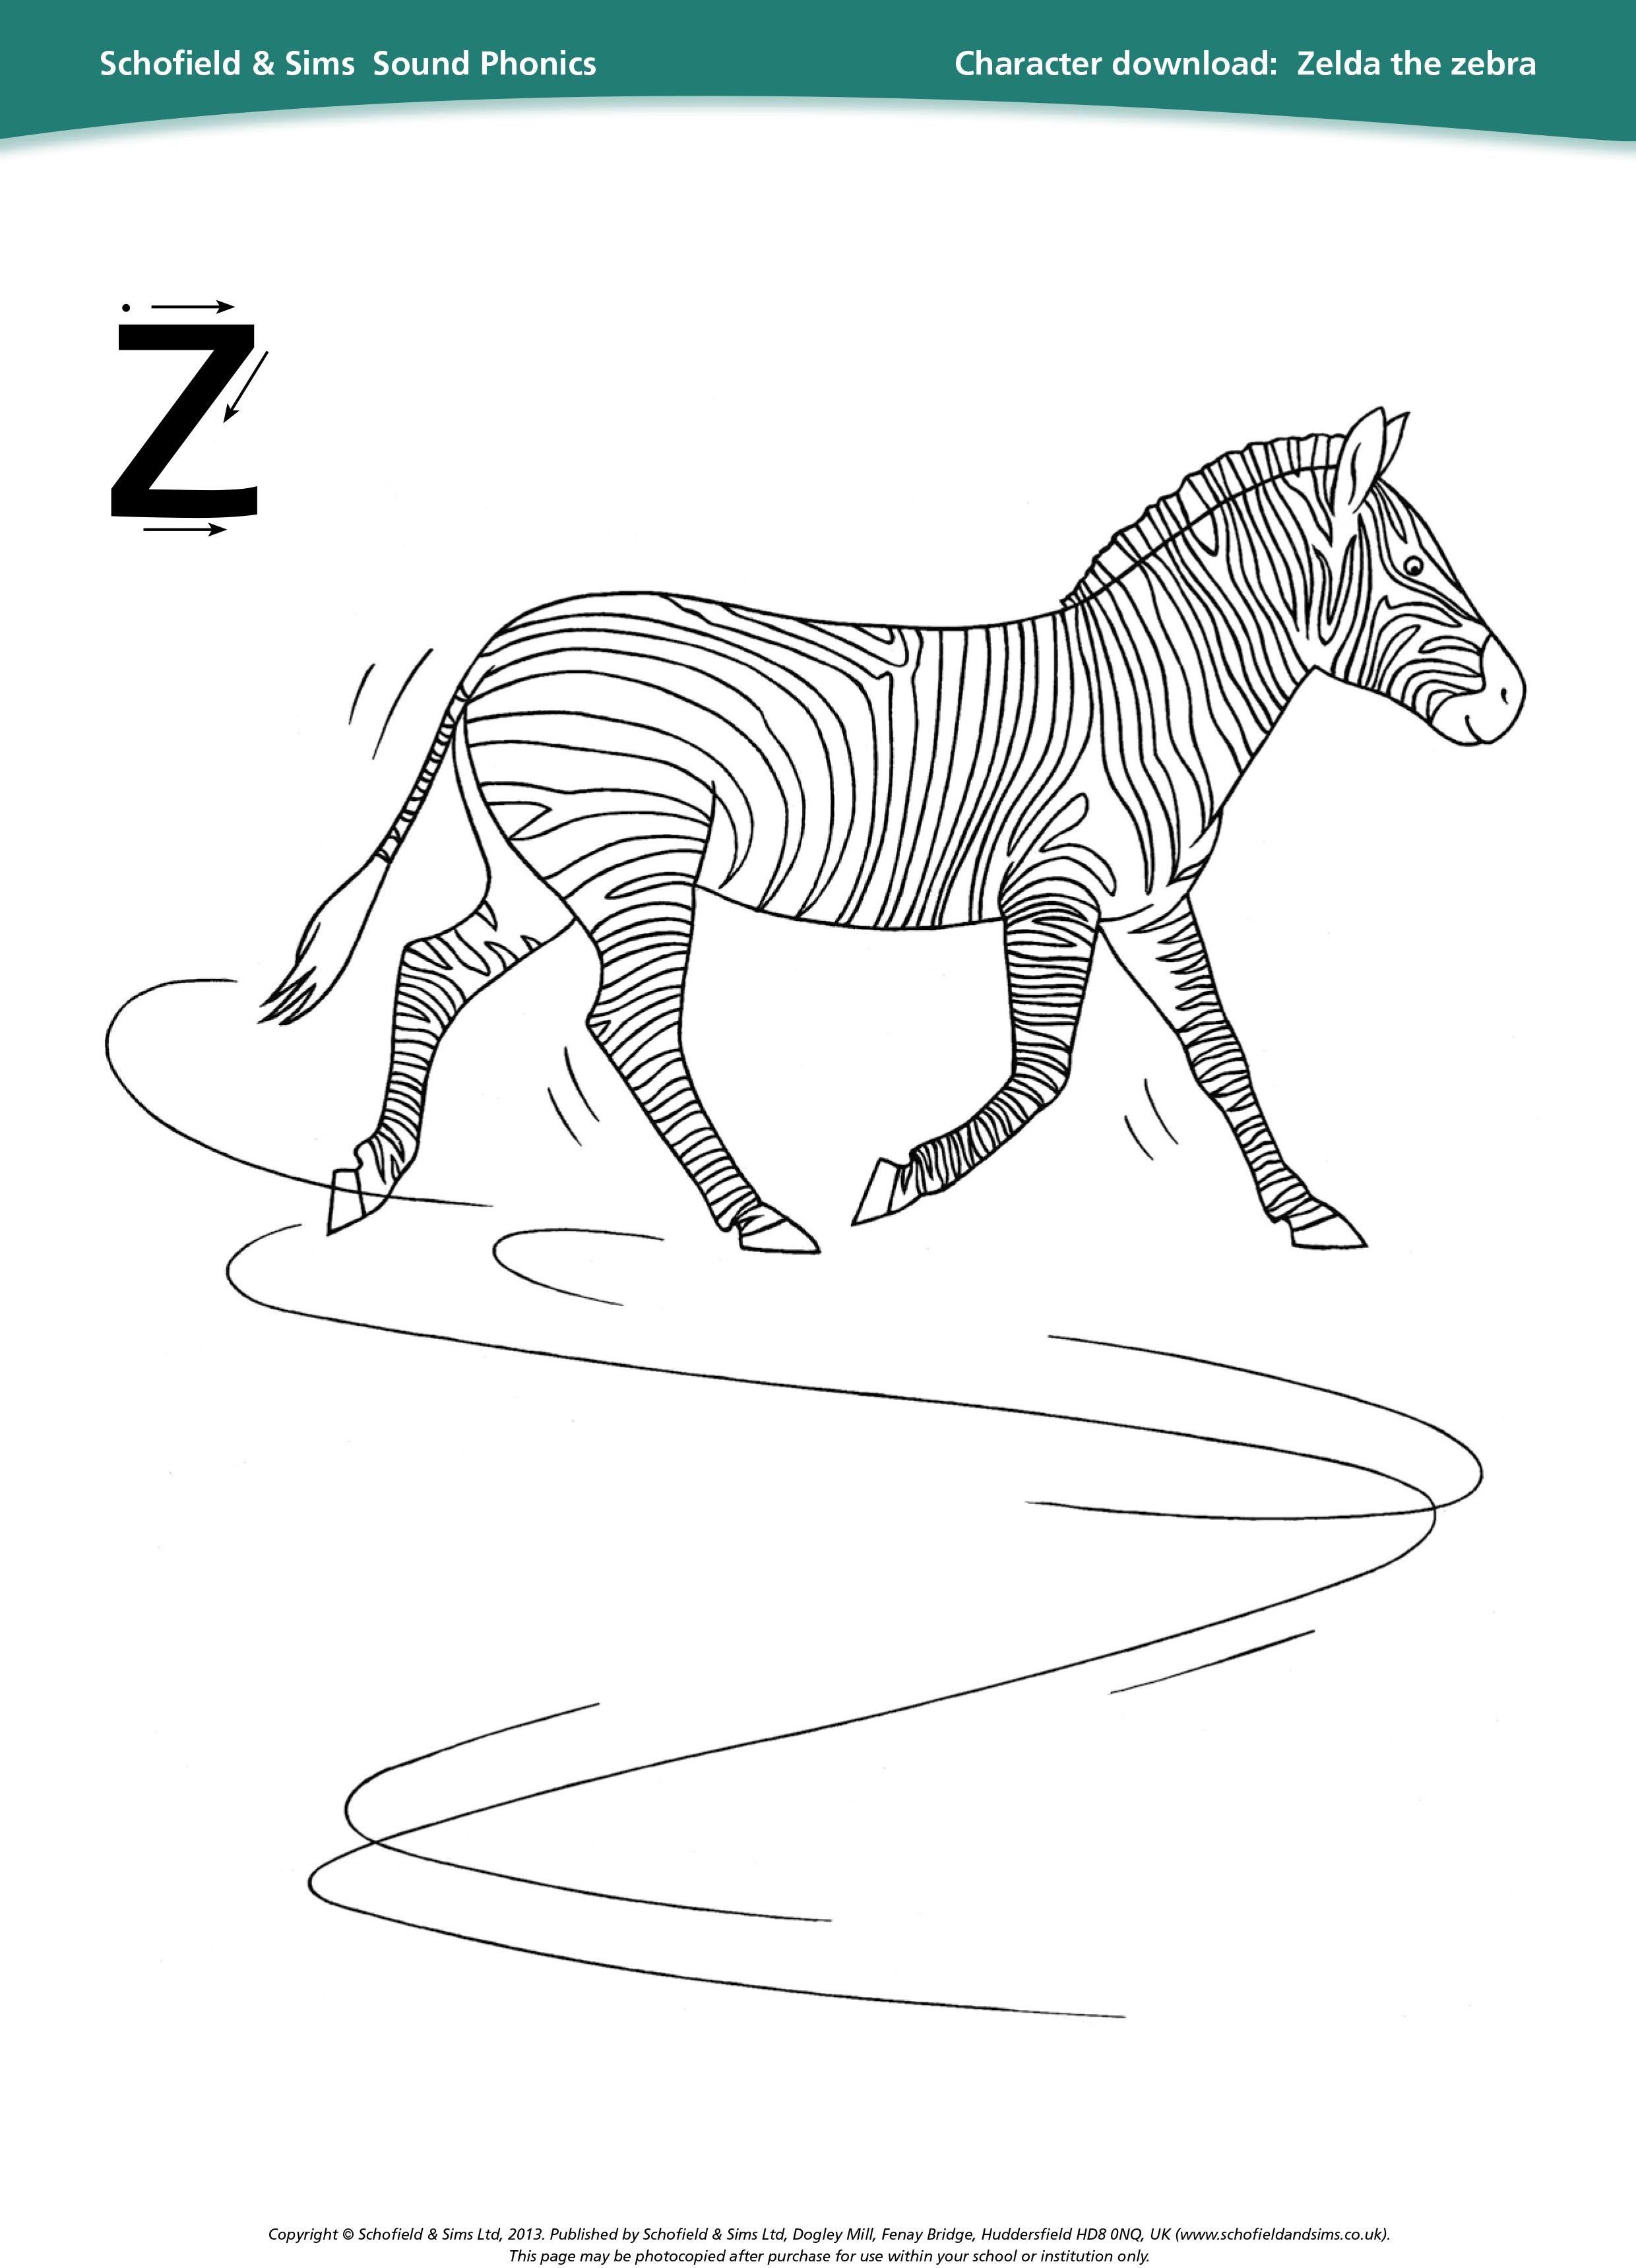 Zelda The Zebra Sheet For Learning Phonics Education Ks1